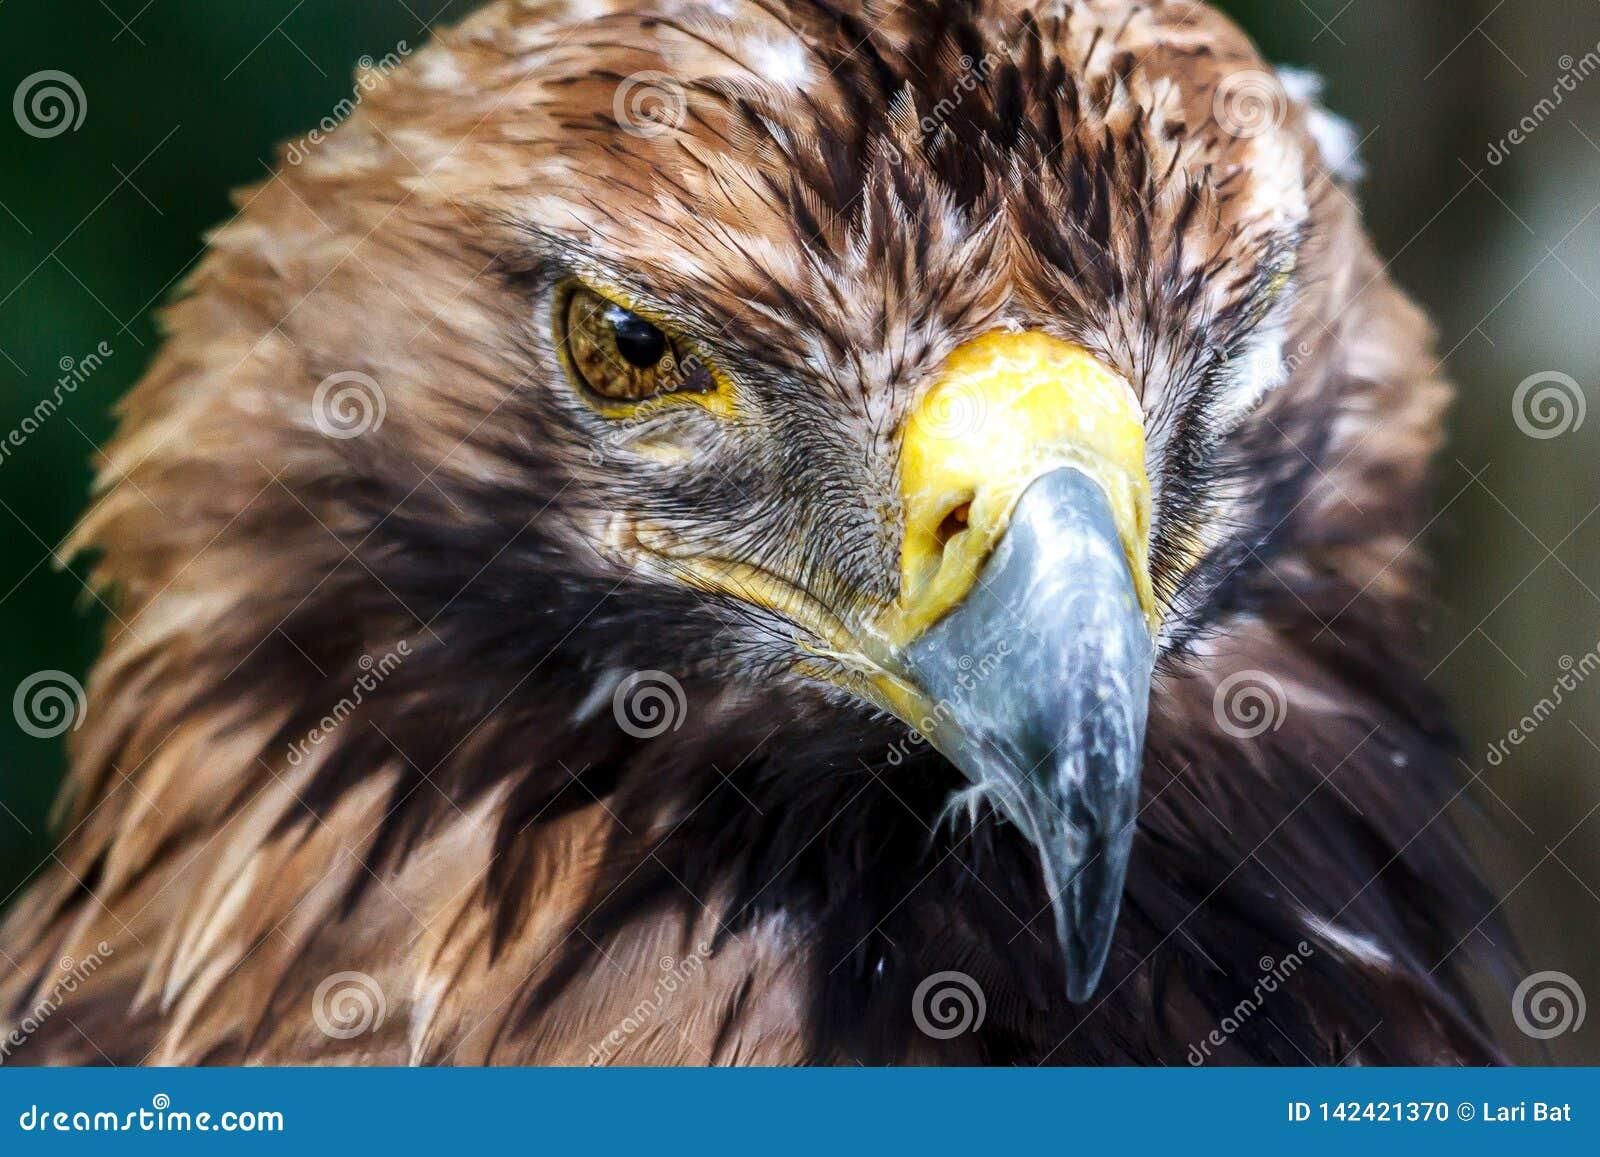 Het doordringen blik van de adelaar in de eigenlijke essentie